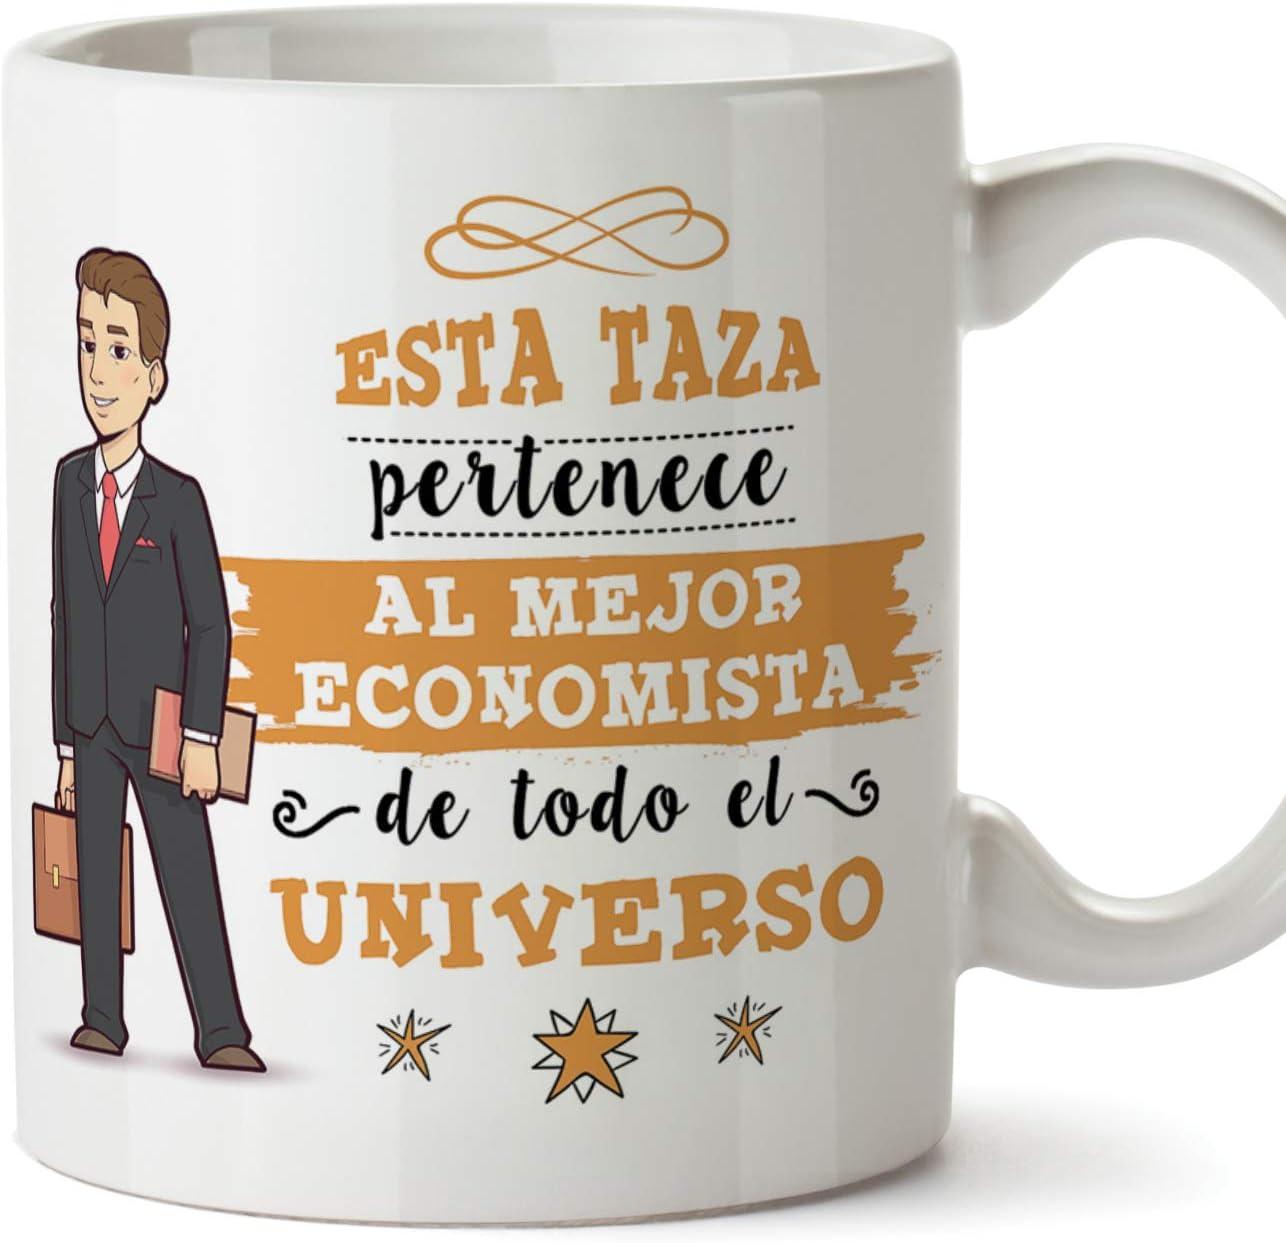 MUGFFINS Economista Tazas Originales de café y Desayuno para Regalar a Trabajadores Profesionales - Esta Taza Pertenece al Mejor economista del Universo - Cerámica 350 ml